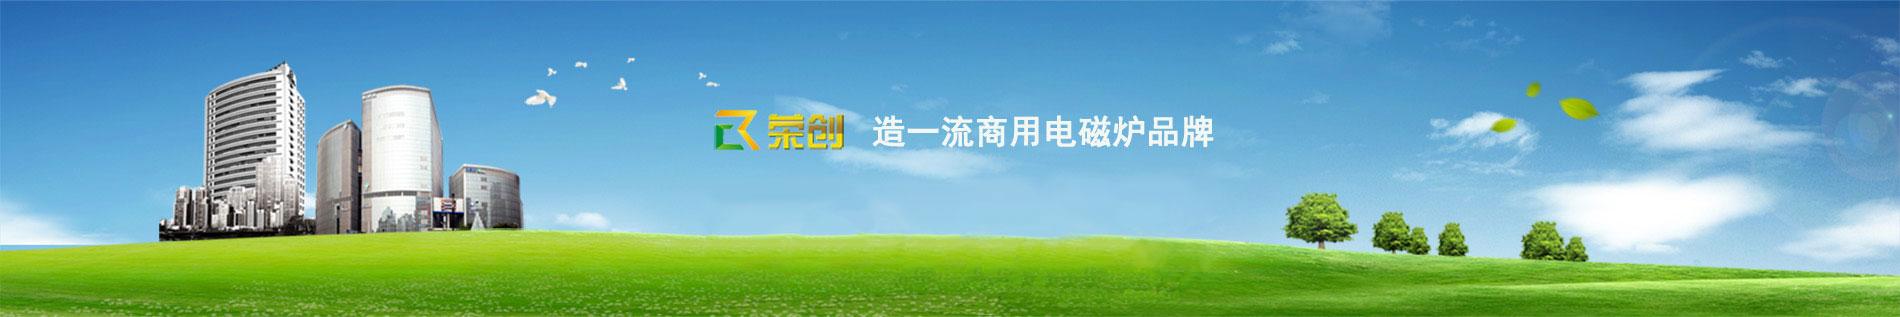 manbetx官方网站万博网页登录|manbetx官方网站电路厂家|manbetx官方网站万博网页登录品牌